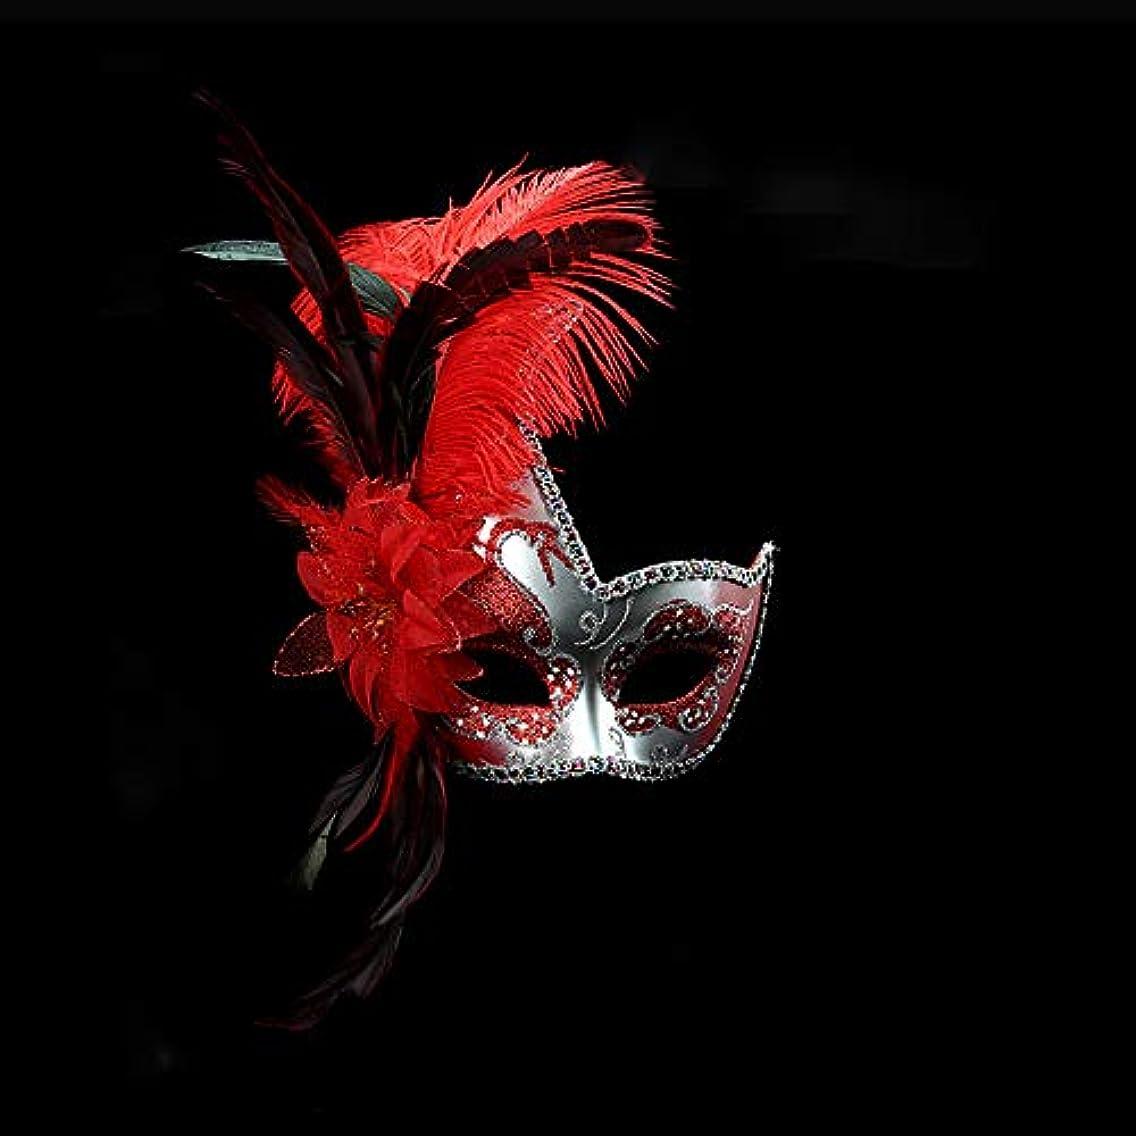 植物学者誕生日裏切り者Nanle ハロウィンマスクハーフフェザーマスクベニスプリンセスマスク美容レース仮面ライダーコスプレ (色 : Red)